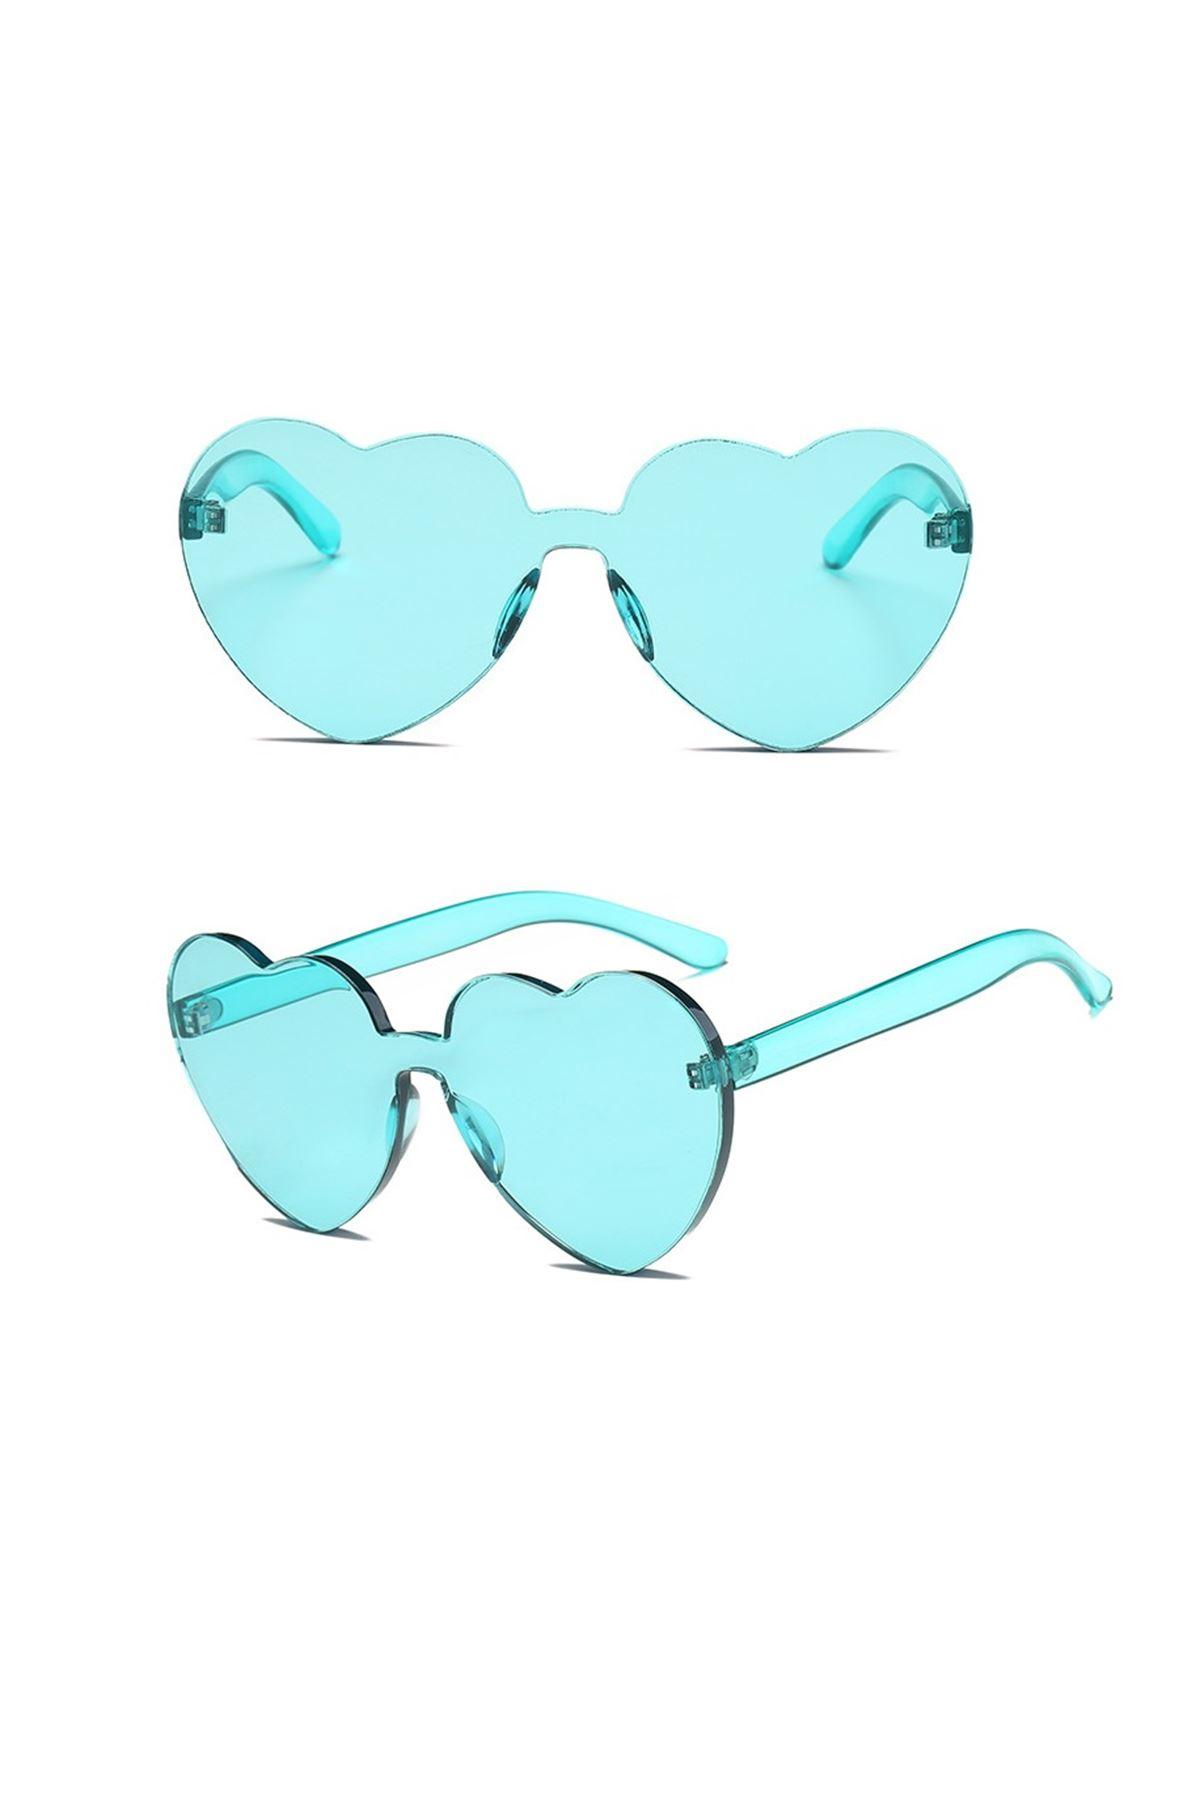 6018 Turkuaz Kadın Gözlük